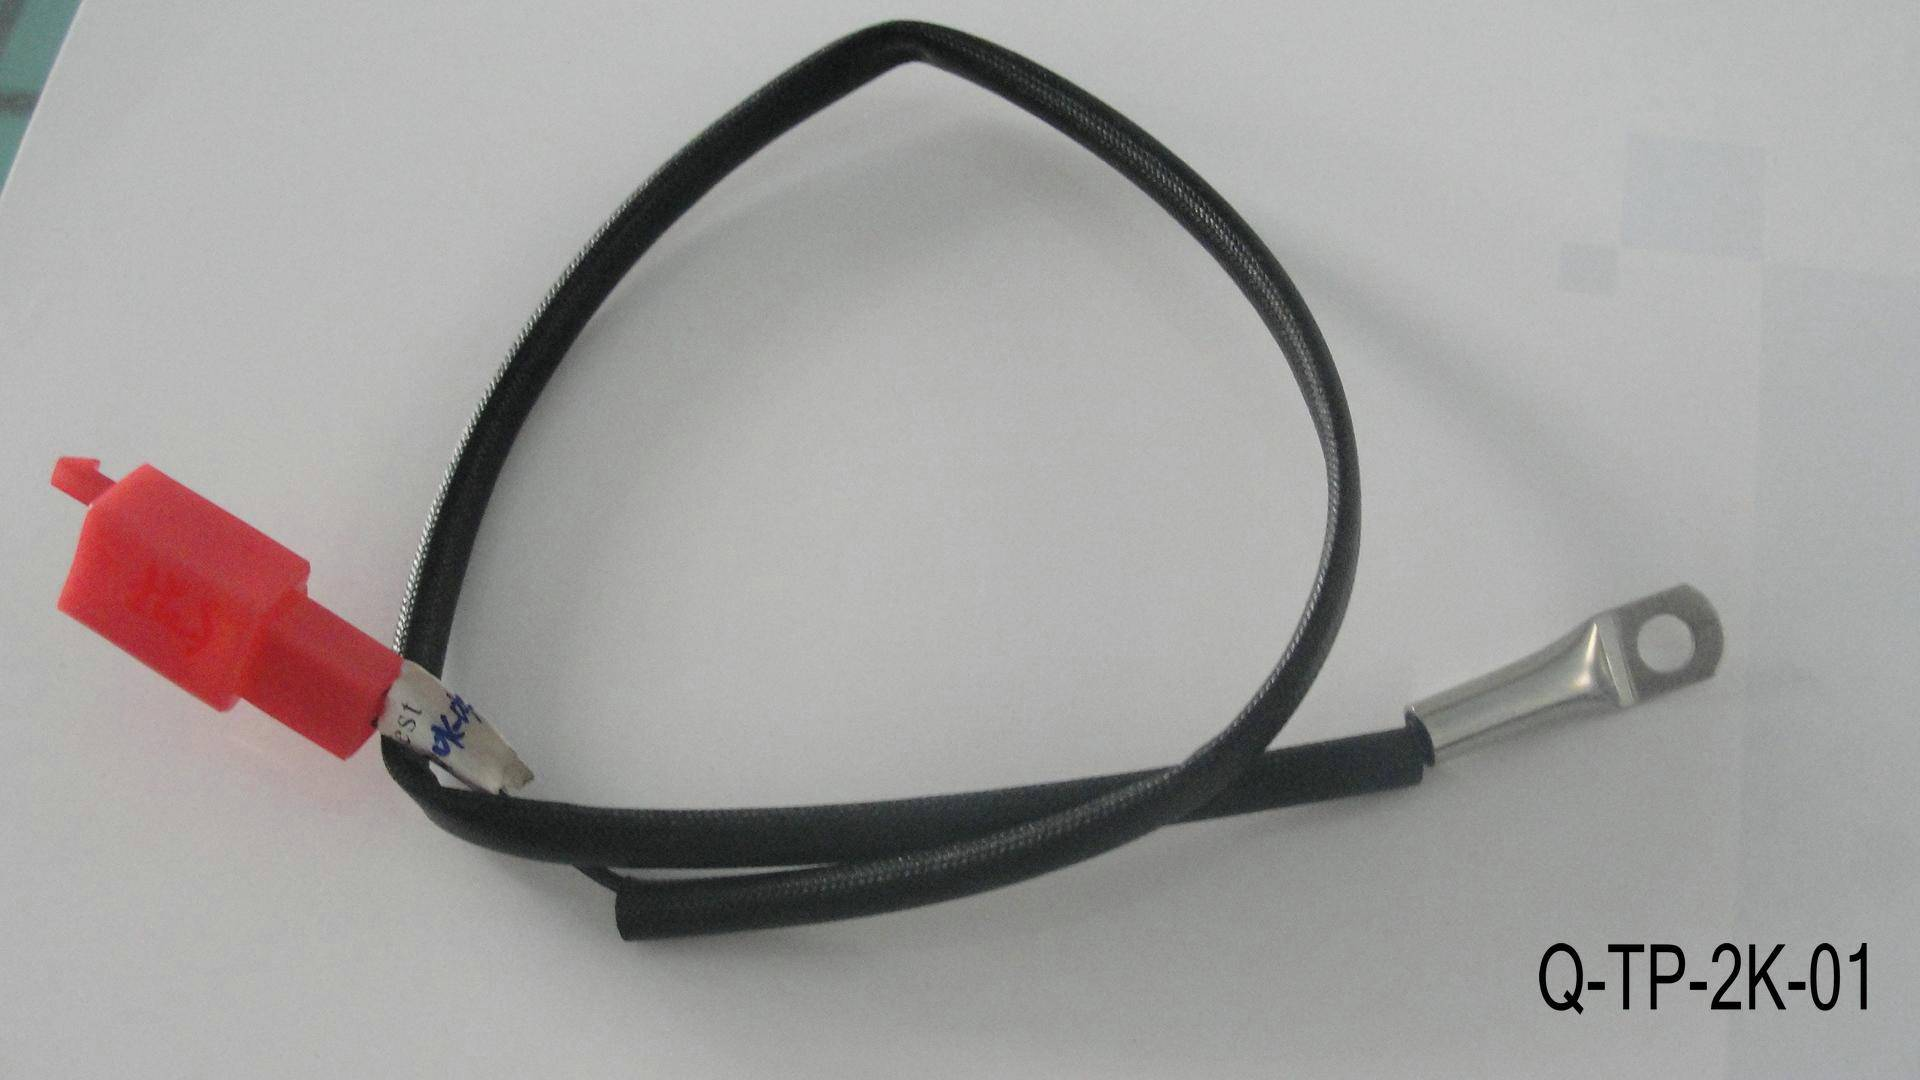 Temperature sensor Q-TP-2K-01